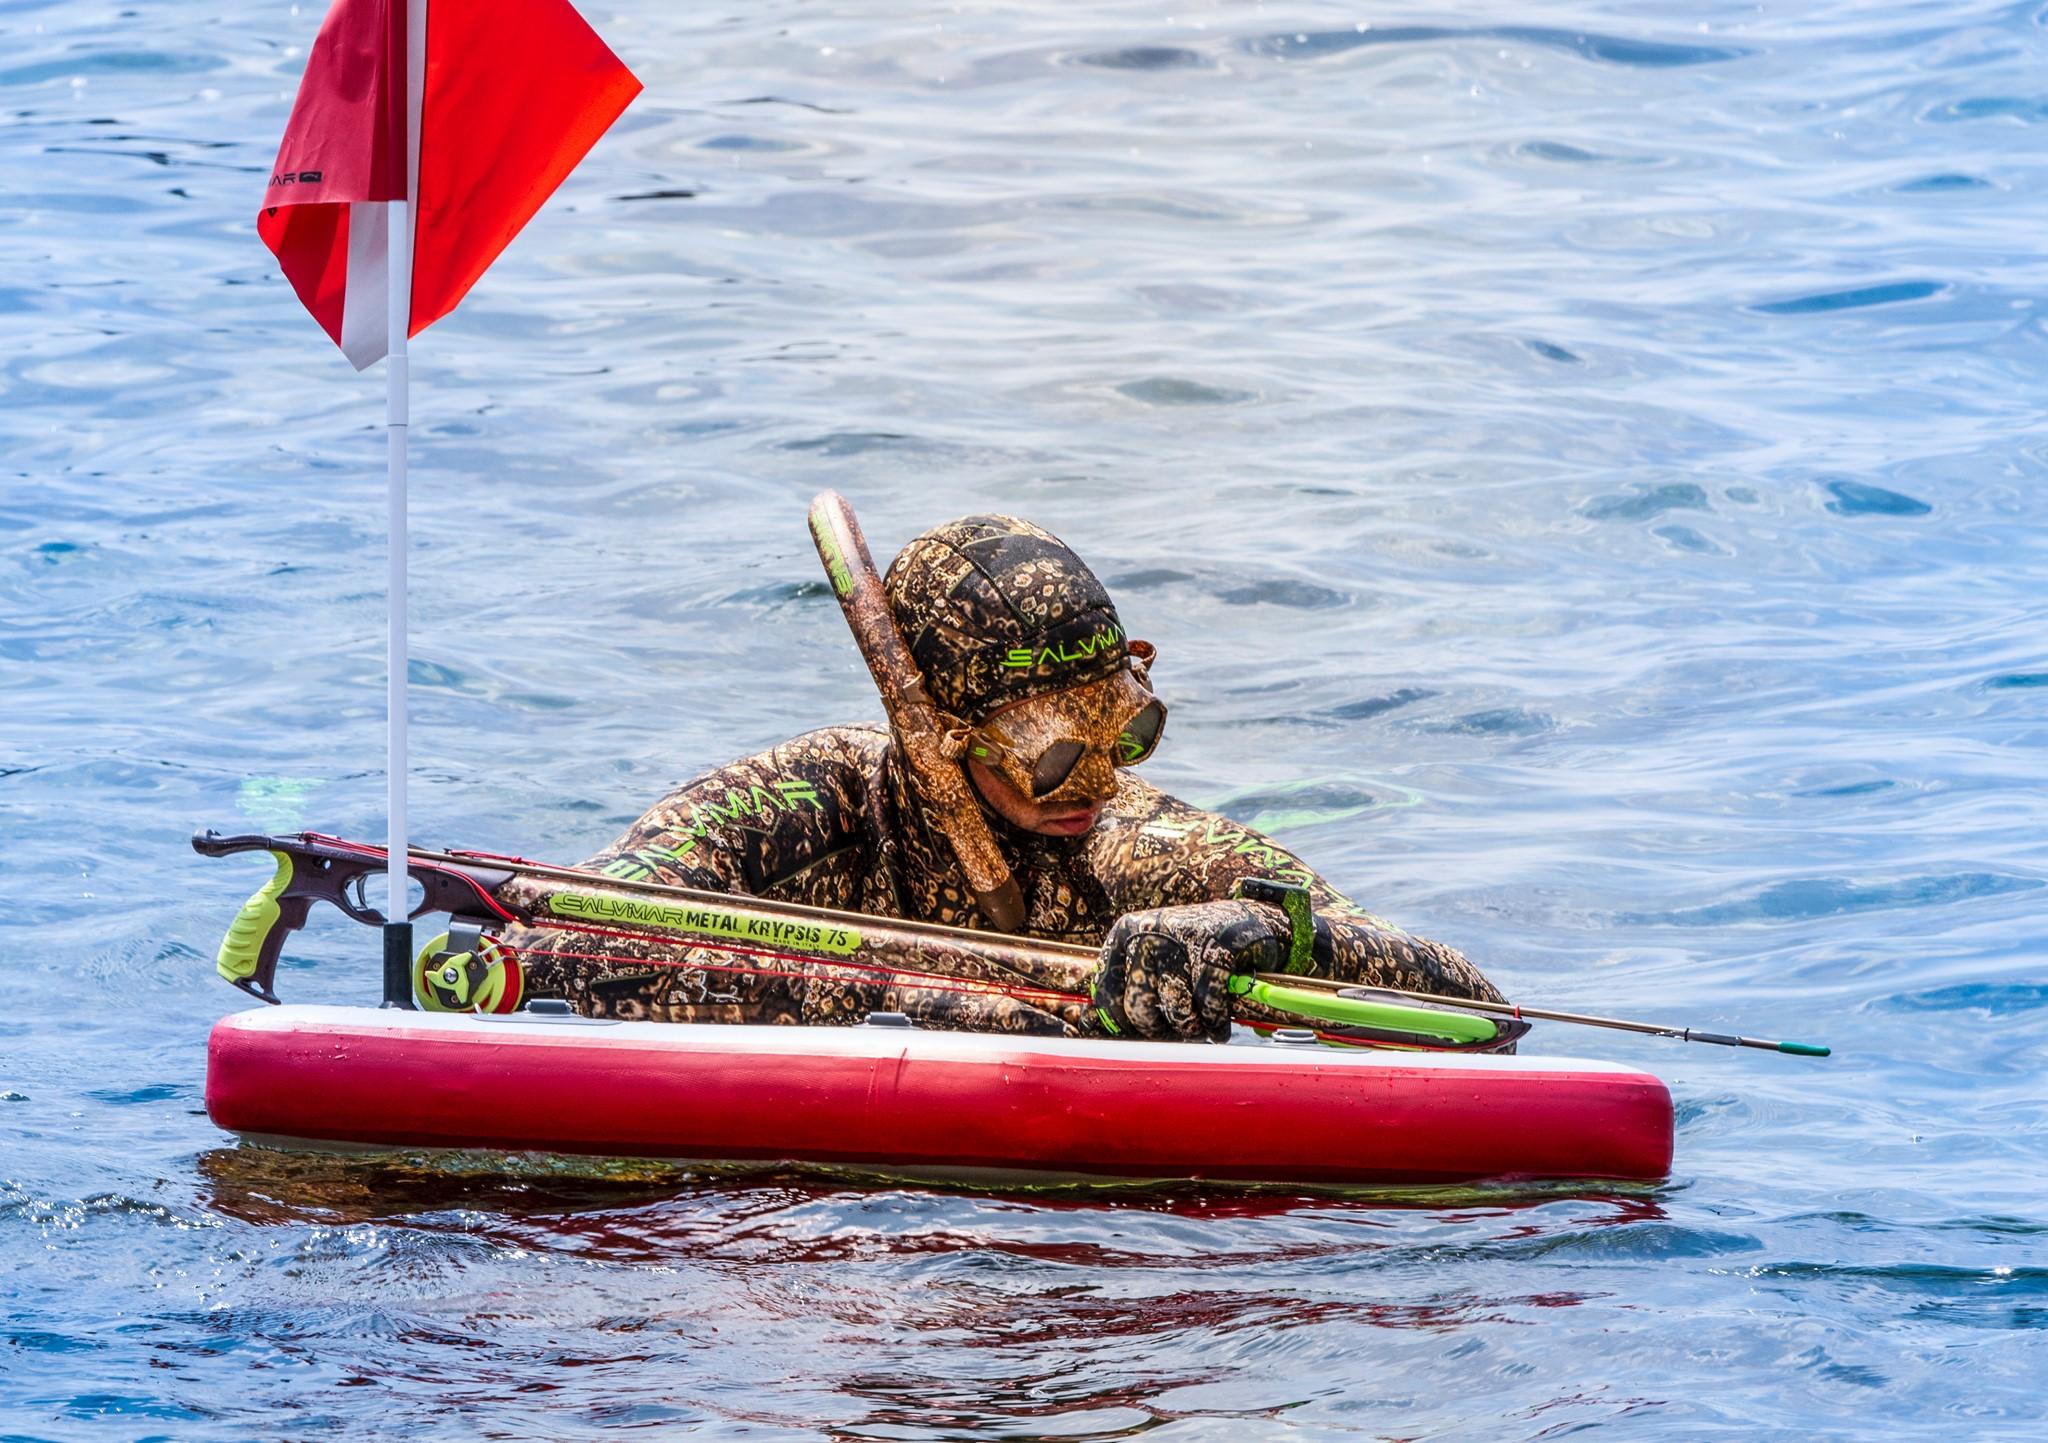 Nouveautés Salvimar Fluyd 2021 - Chasse sous marine, apnée... | Le Petit Plongeur